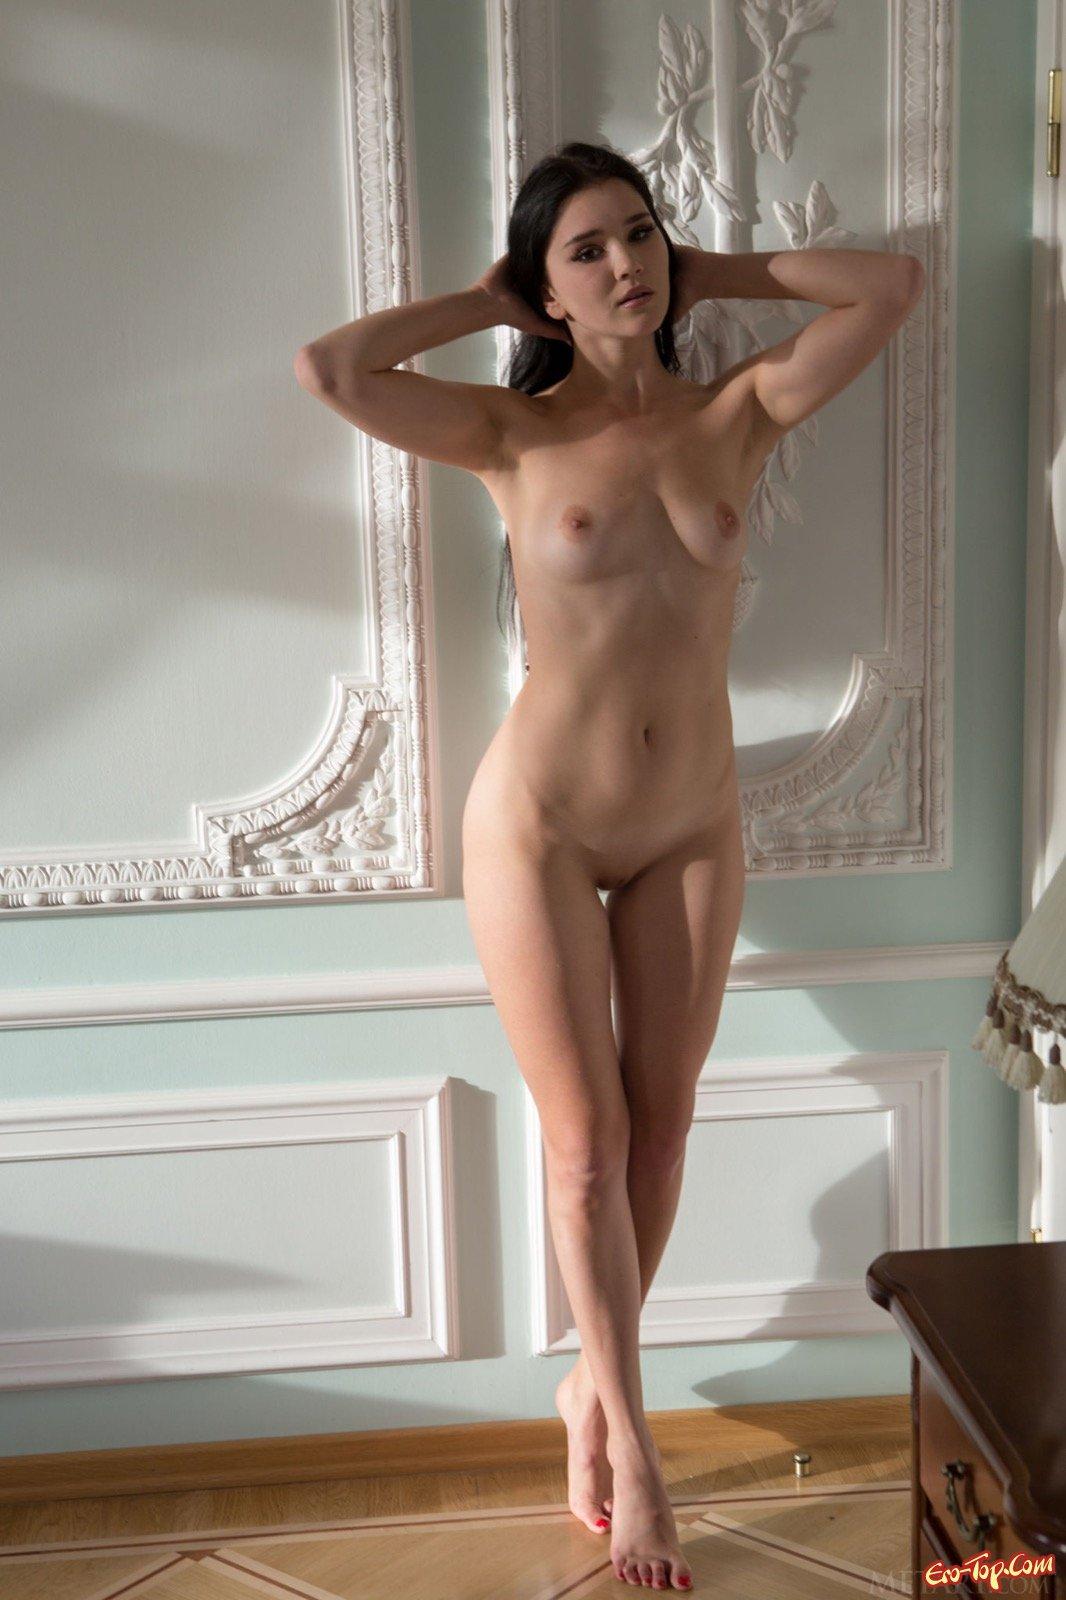 Эротическая фото сессия с обнаженной брюнеточкой